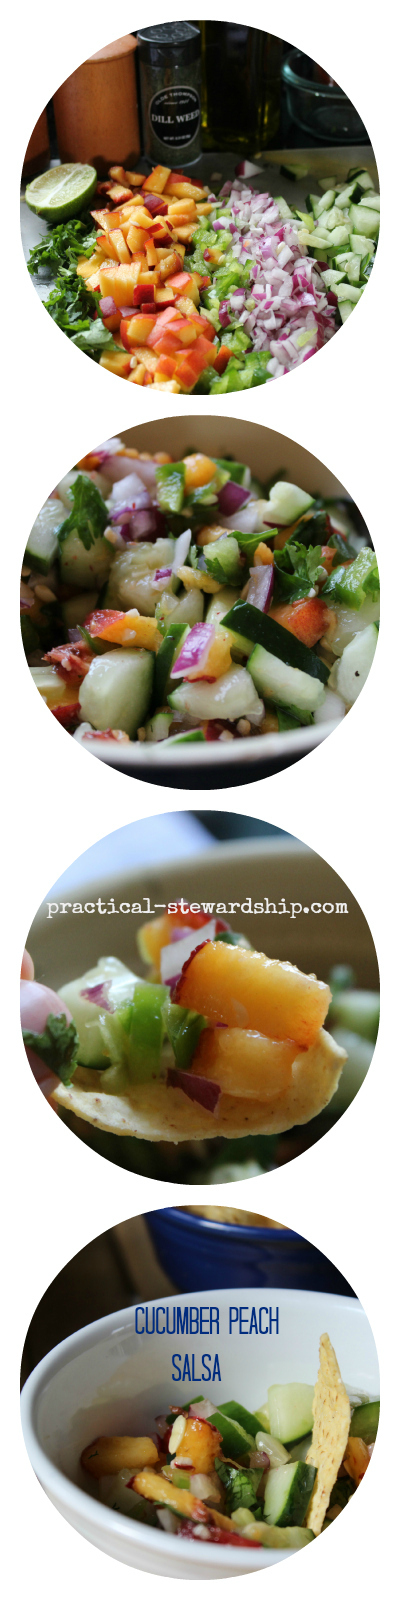 Cucumber Peach Salsa